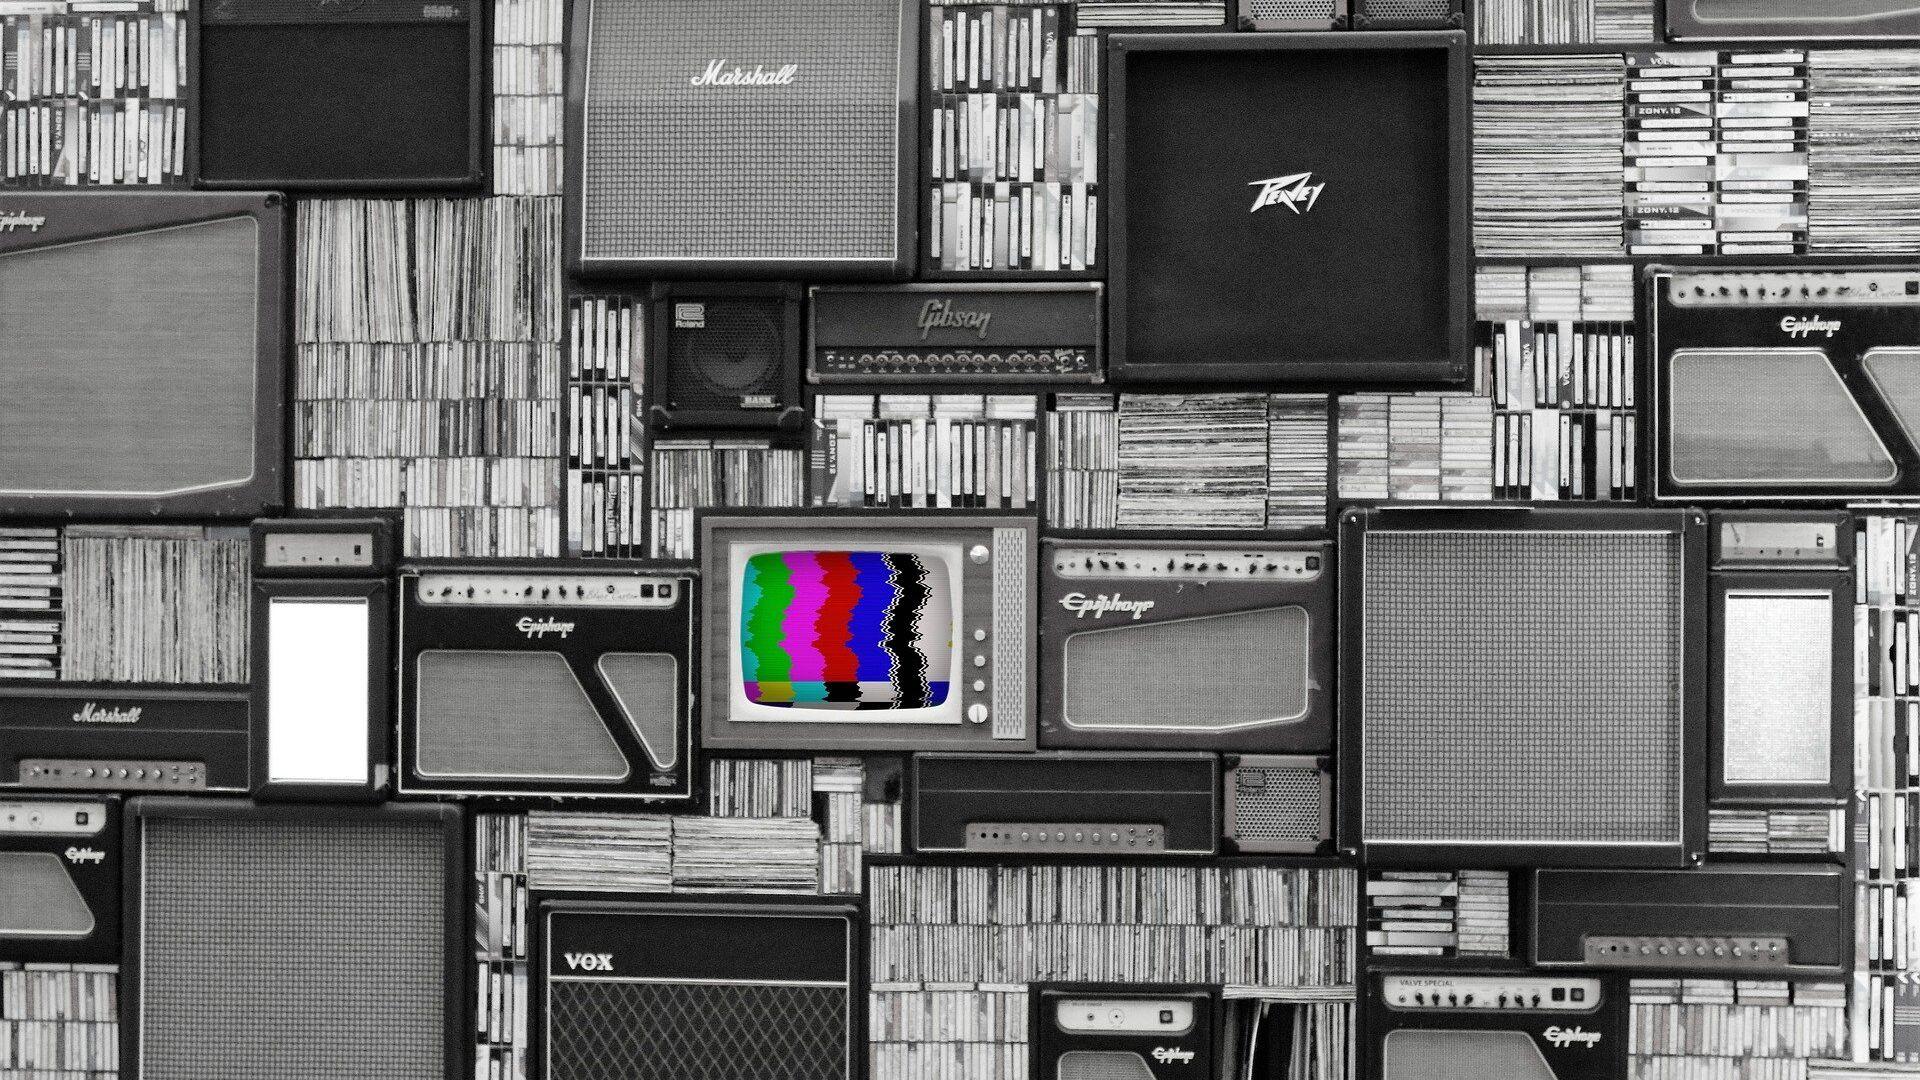 Una televisión de color (imagen referencial) - Sputnik Mundo, 1920, 05.04.2021